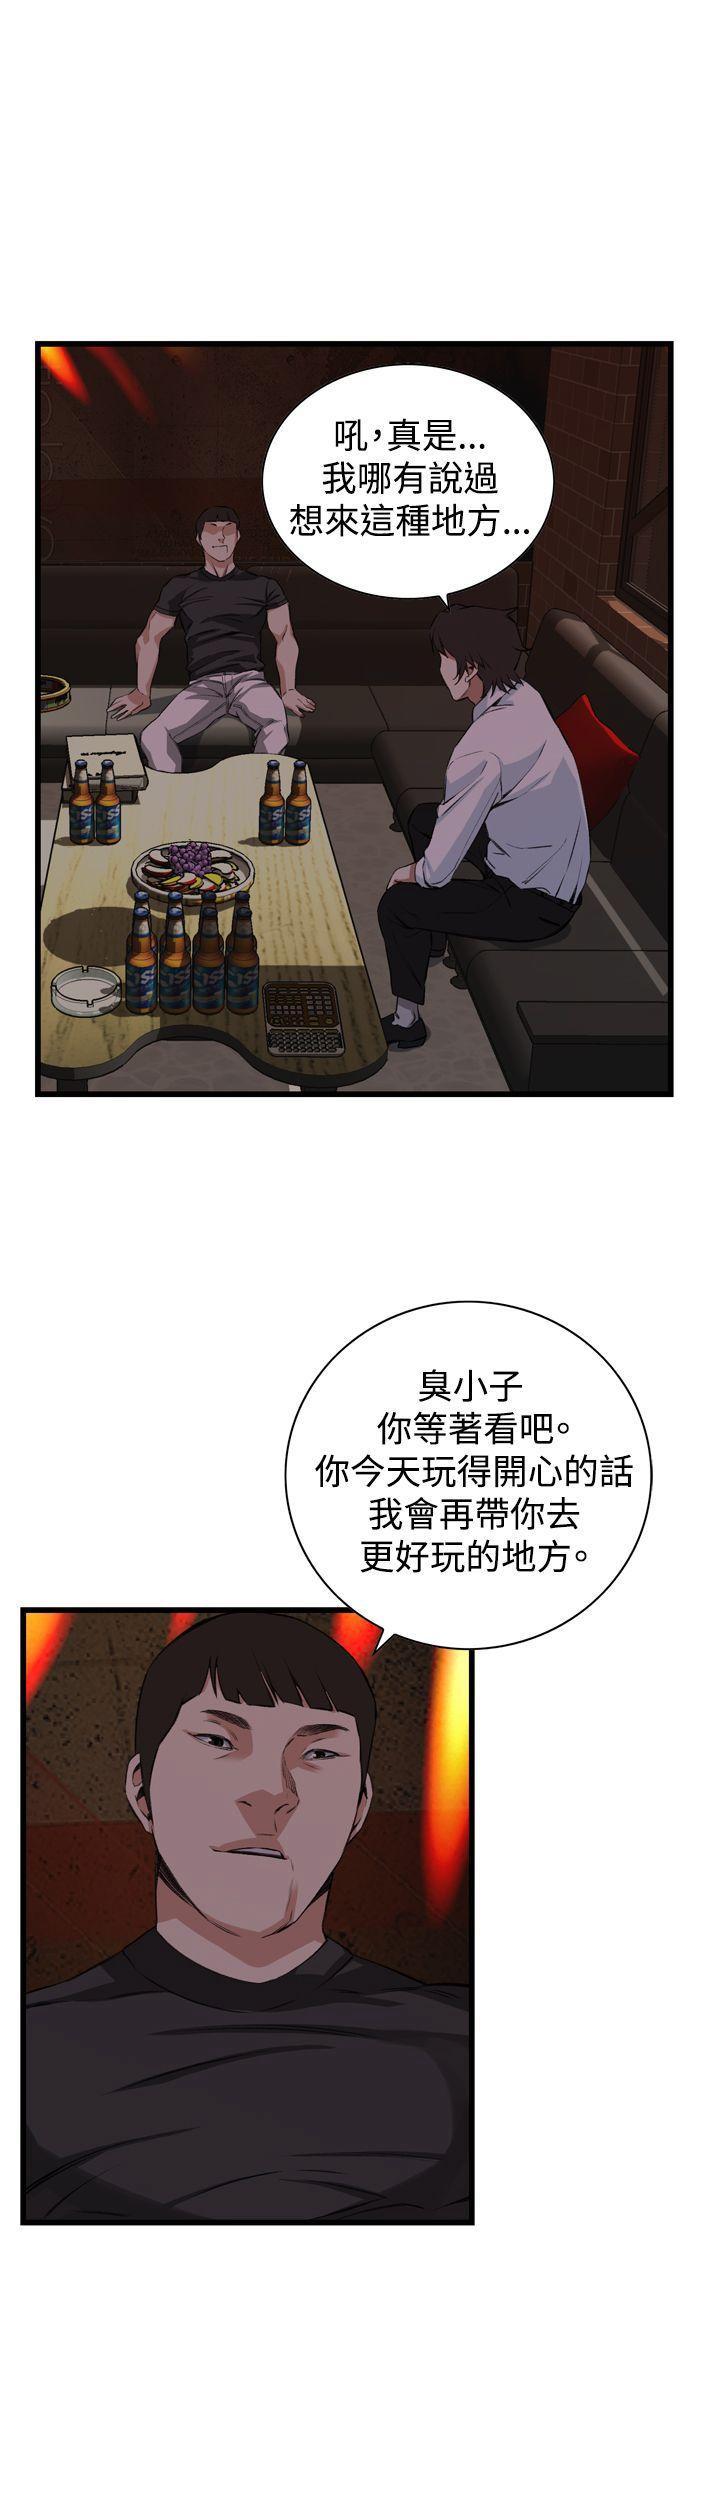 偷窥72-93 Chinese Rsiky 27